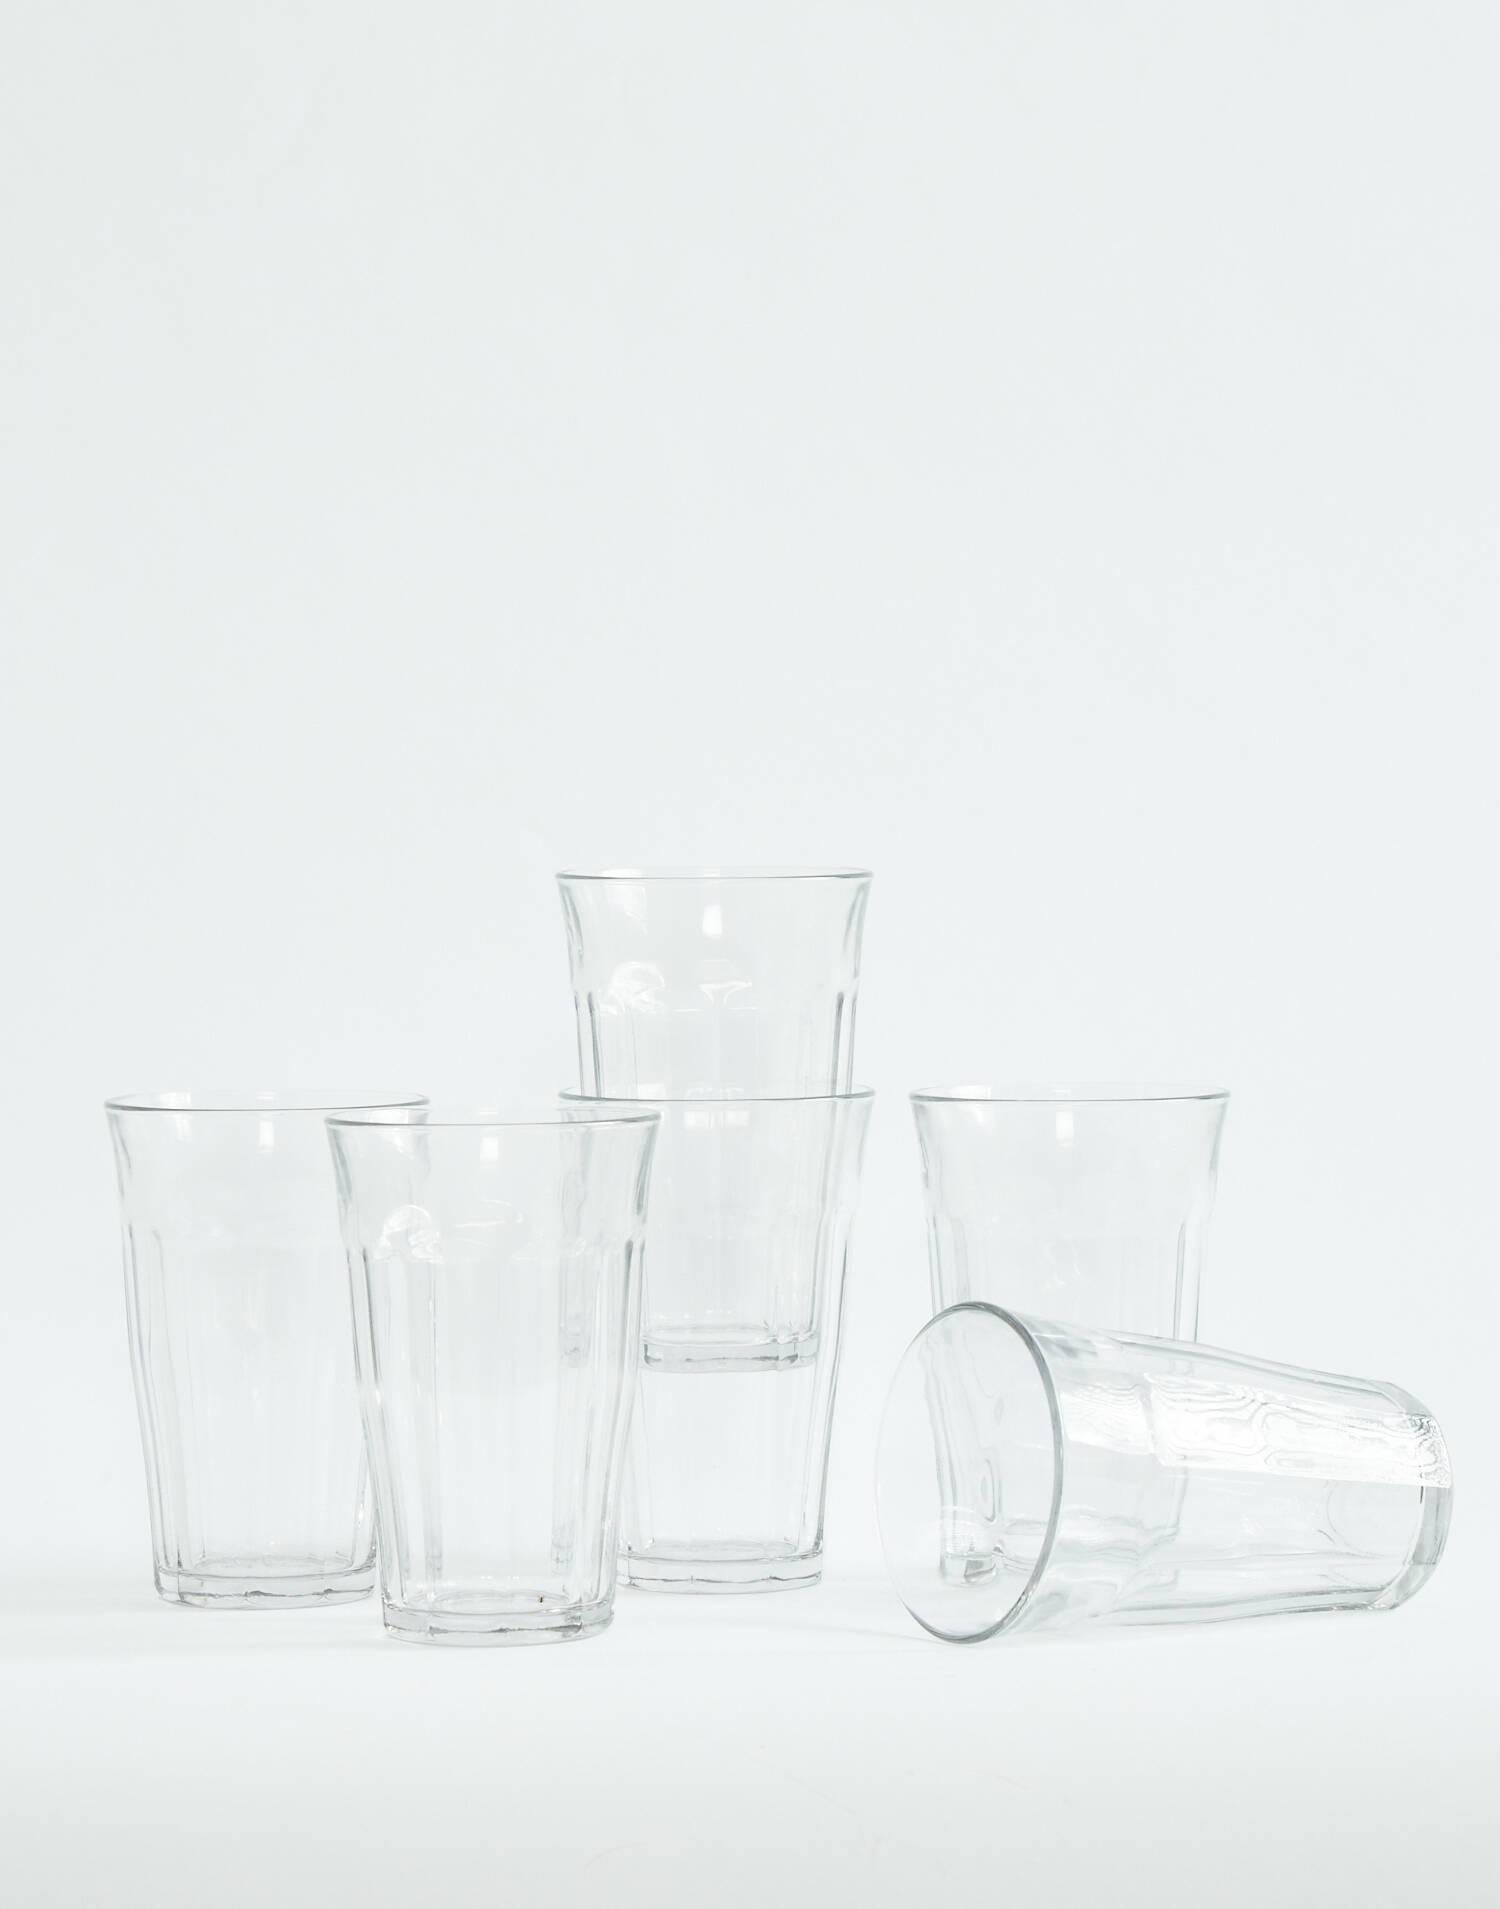 6 crystal glasses set 50cl